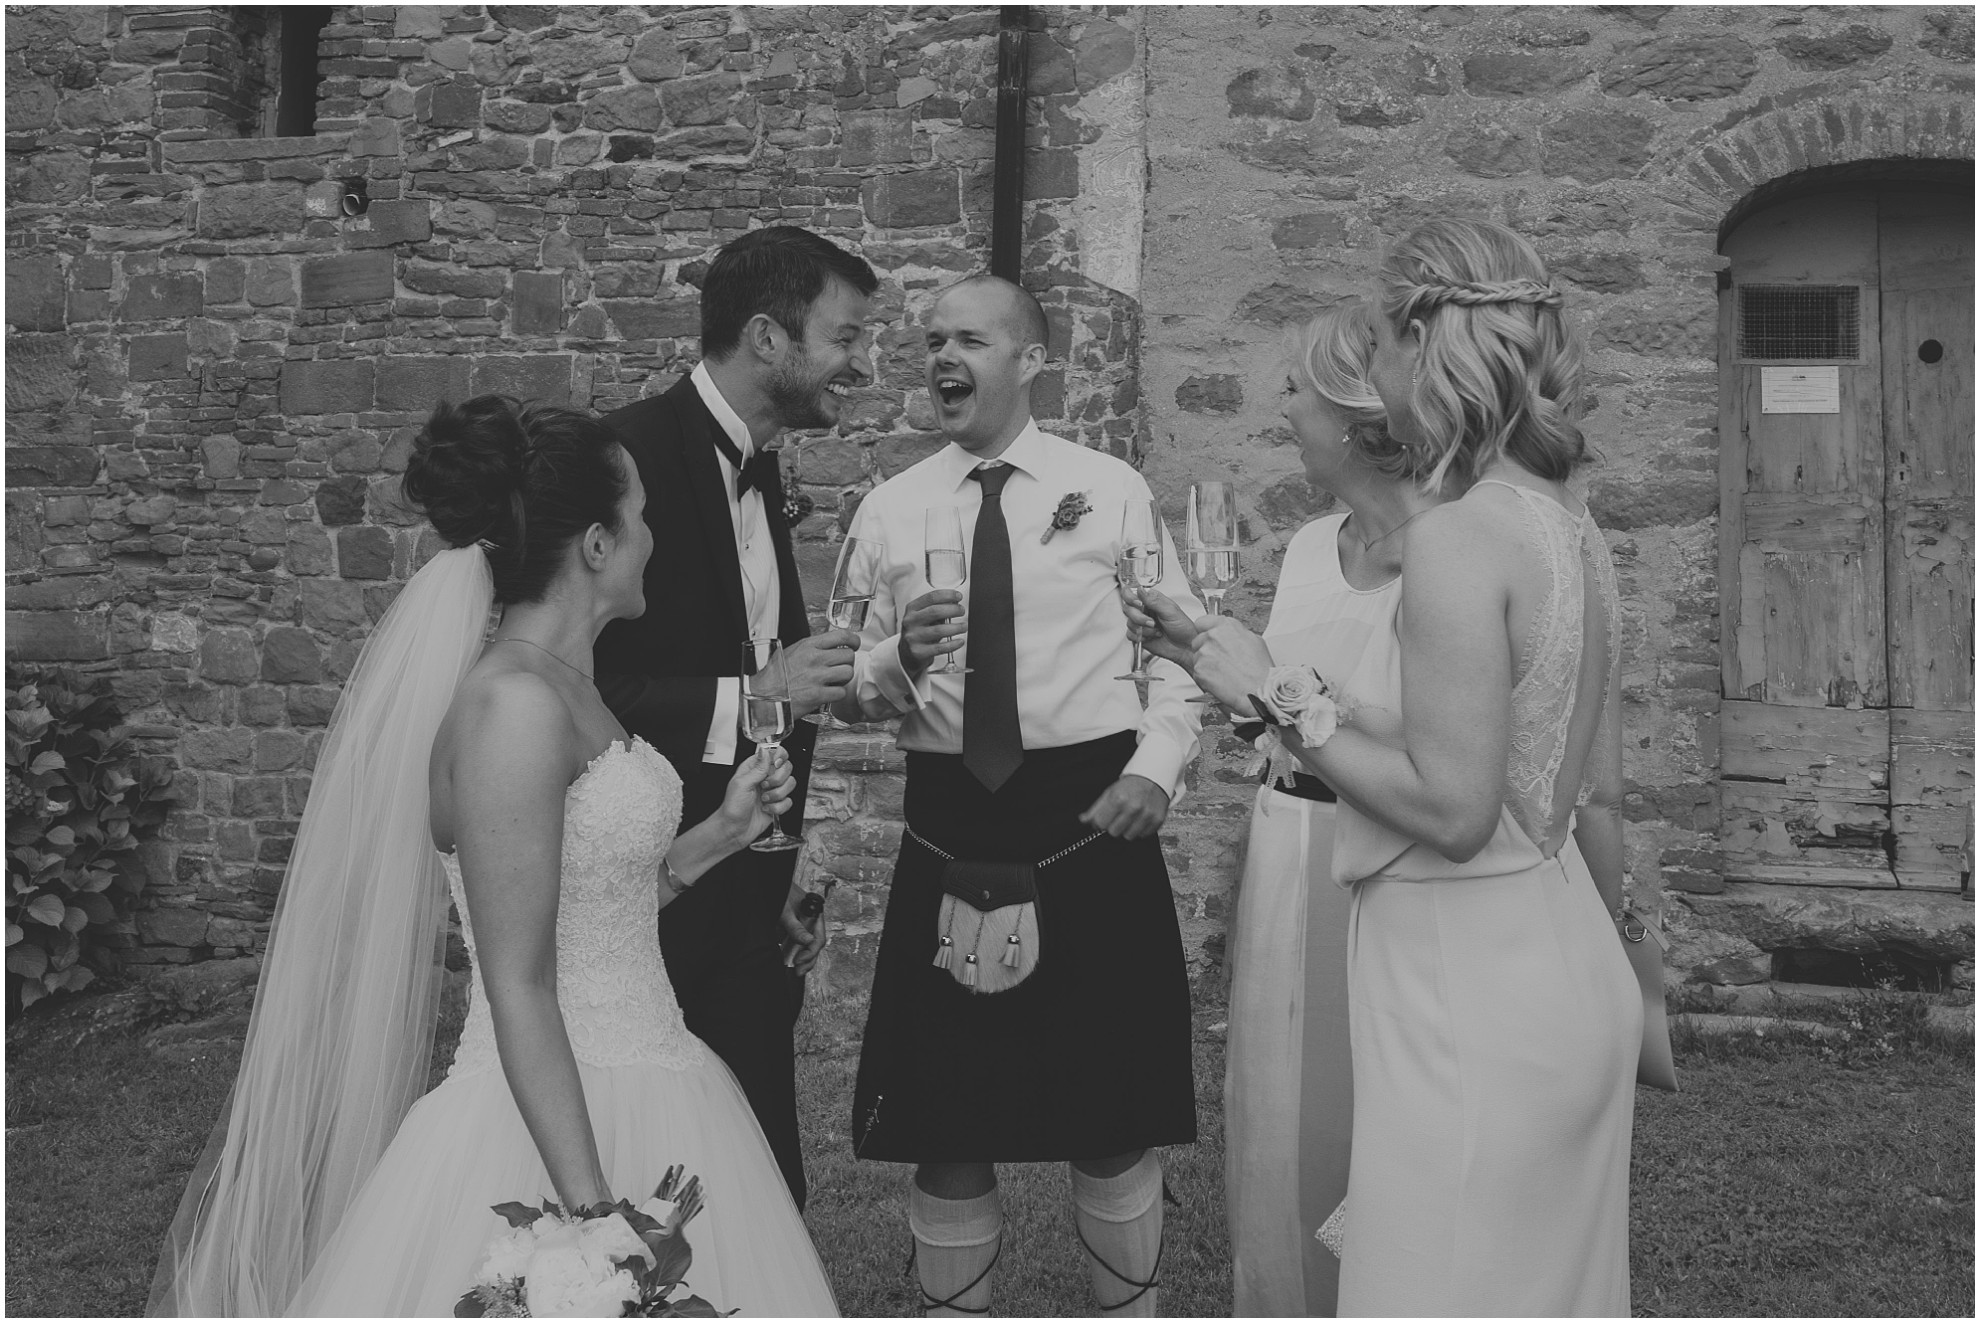 tuscany-wedding-photographer-052